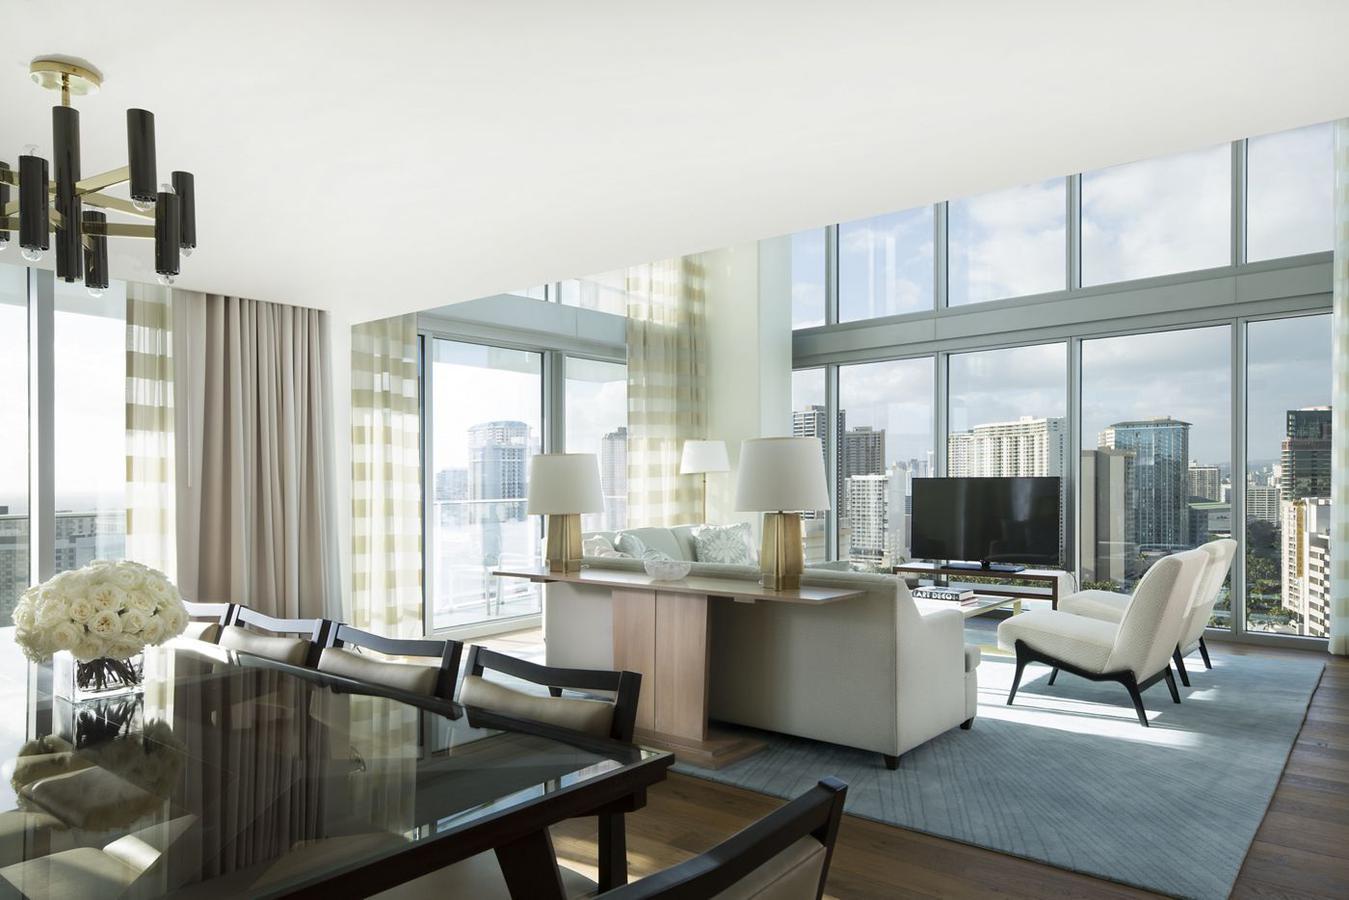 Ritz Carlton Chicago Spa Prices